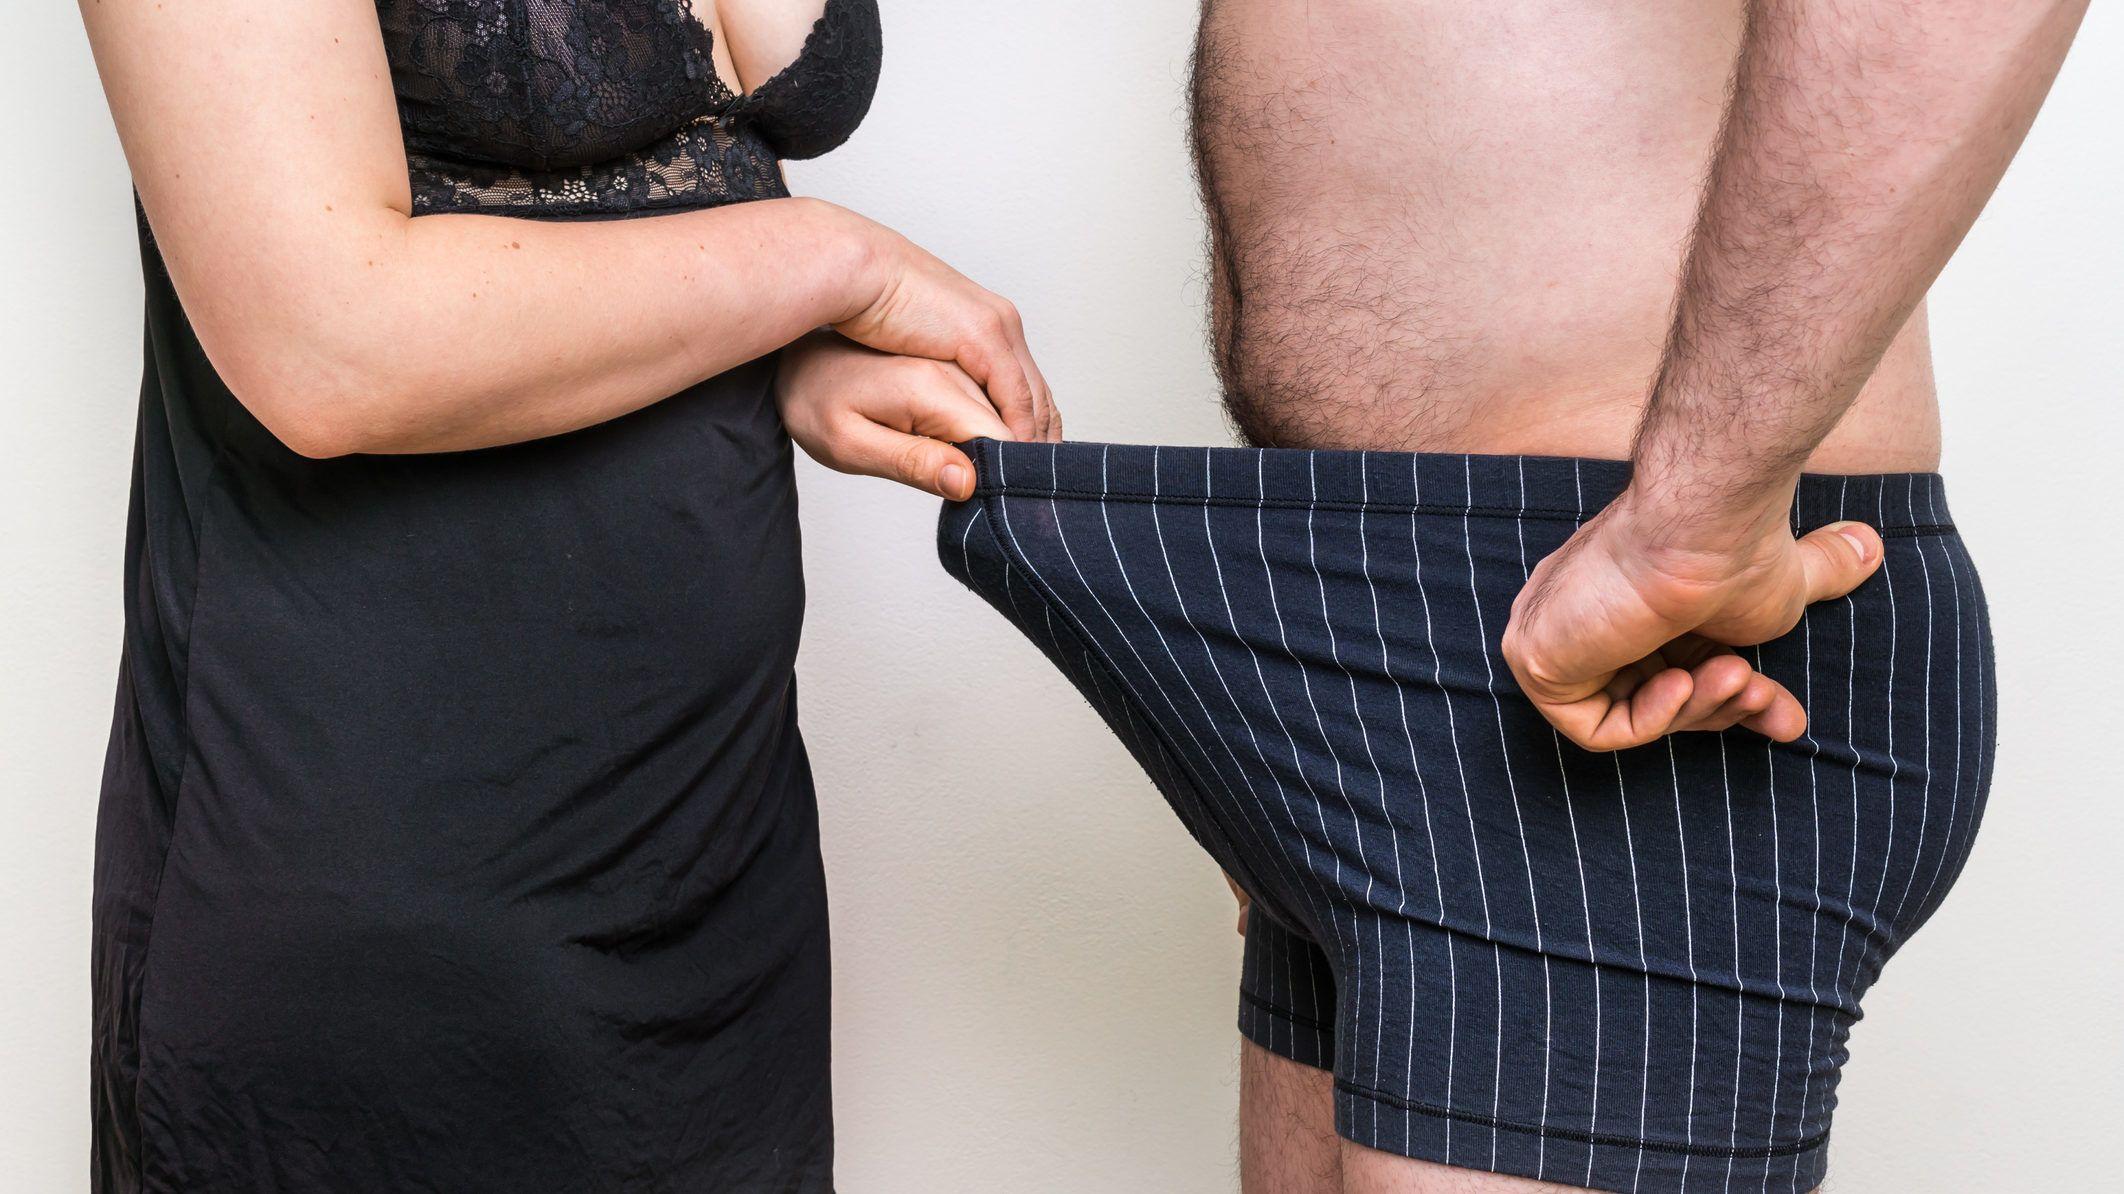 földigiliszták megnövelik a péniszet erekció nélküli magömlés okai